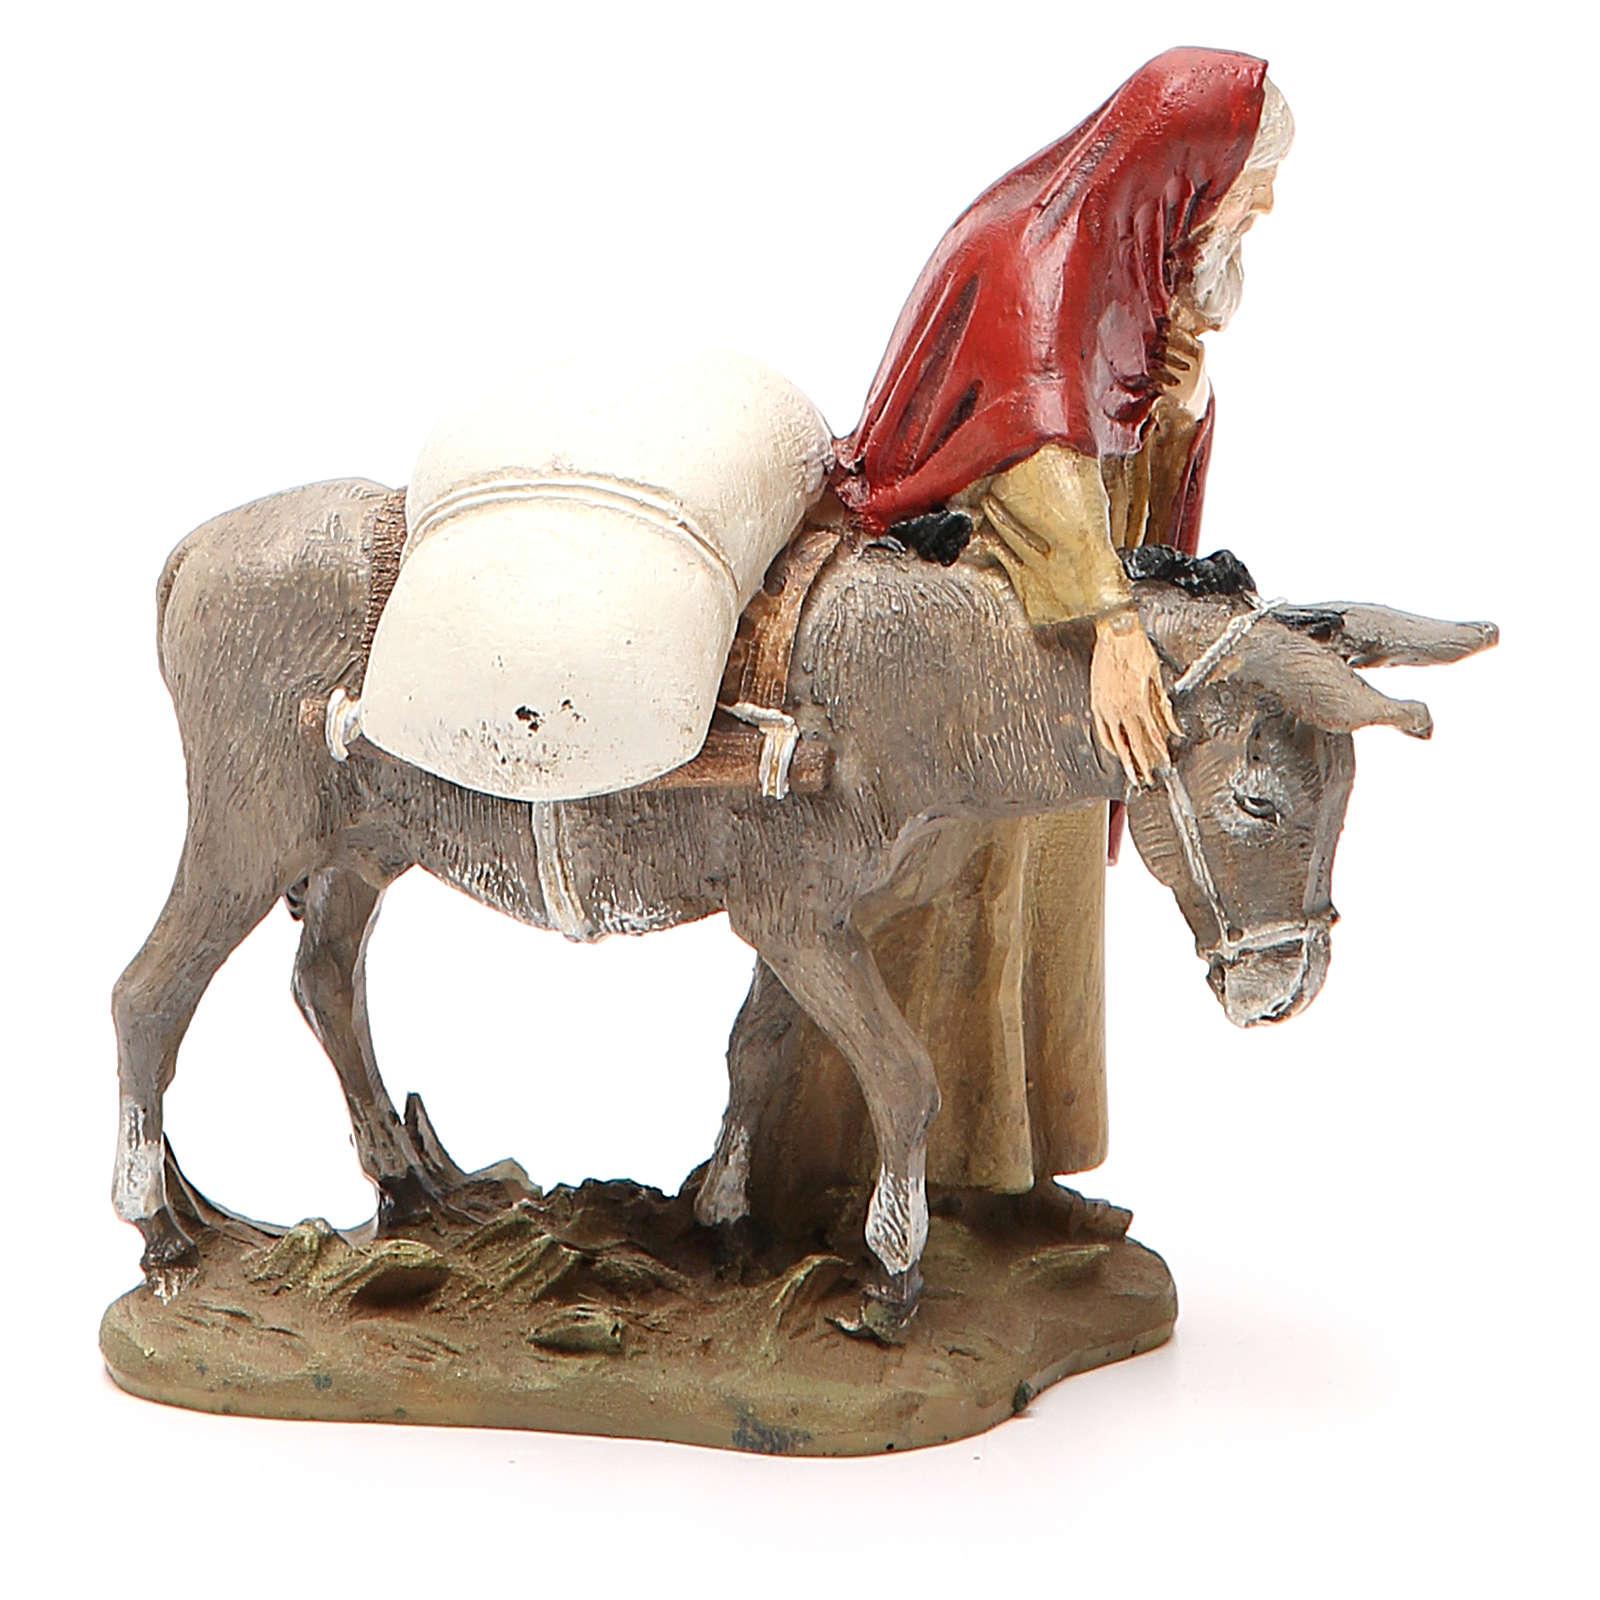 Viajante com burro resina pintada 10 cm Linha barata Landi 3